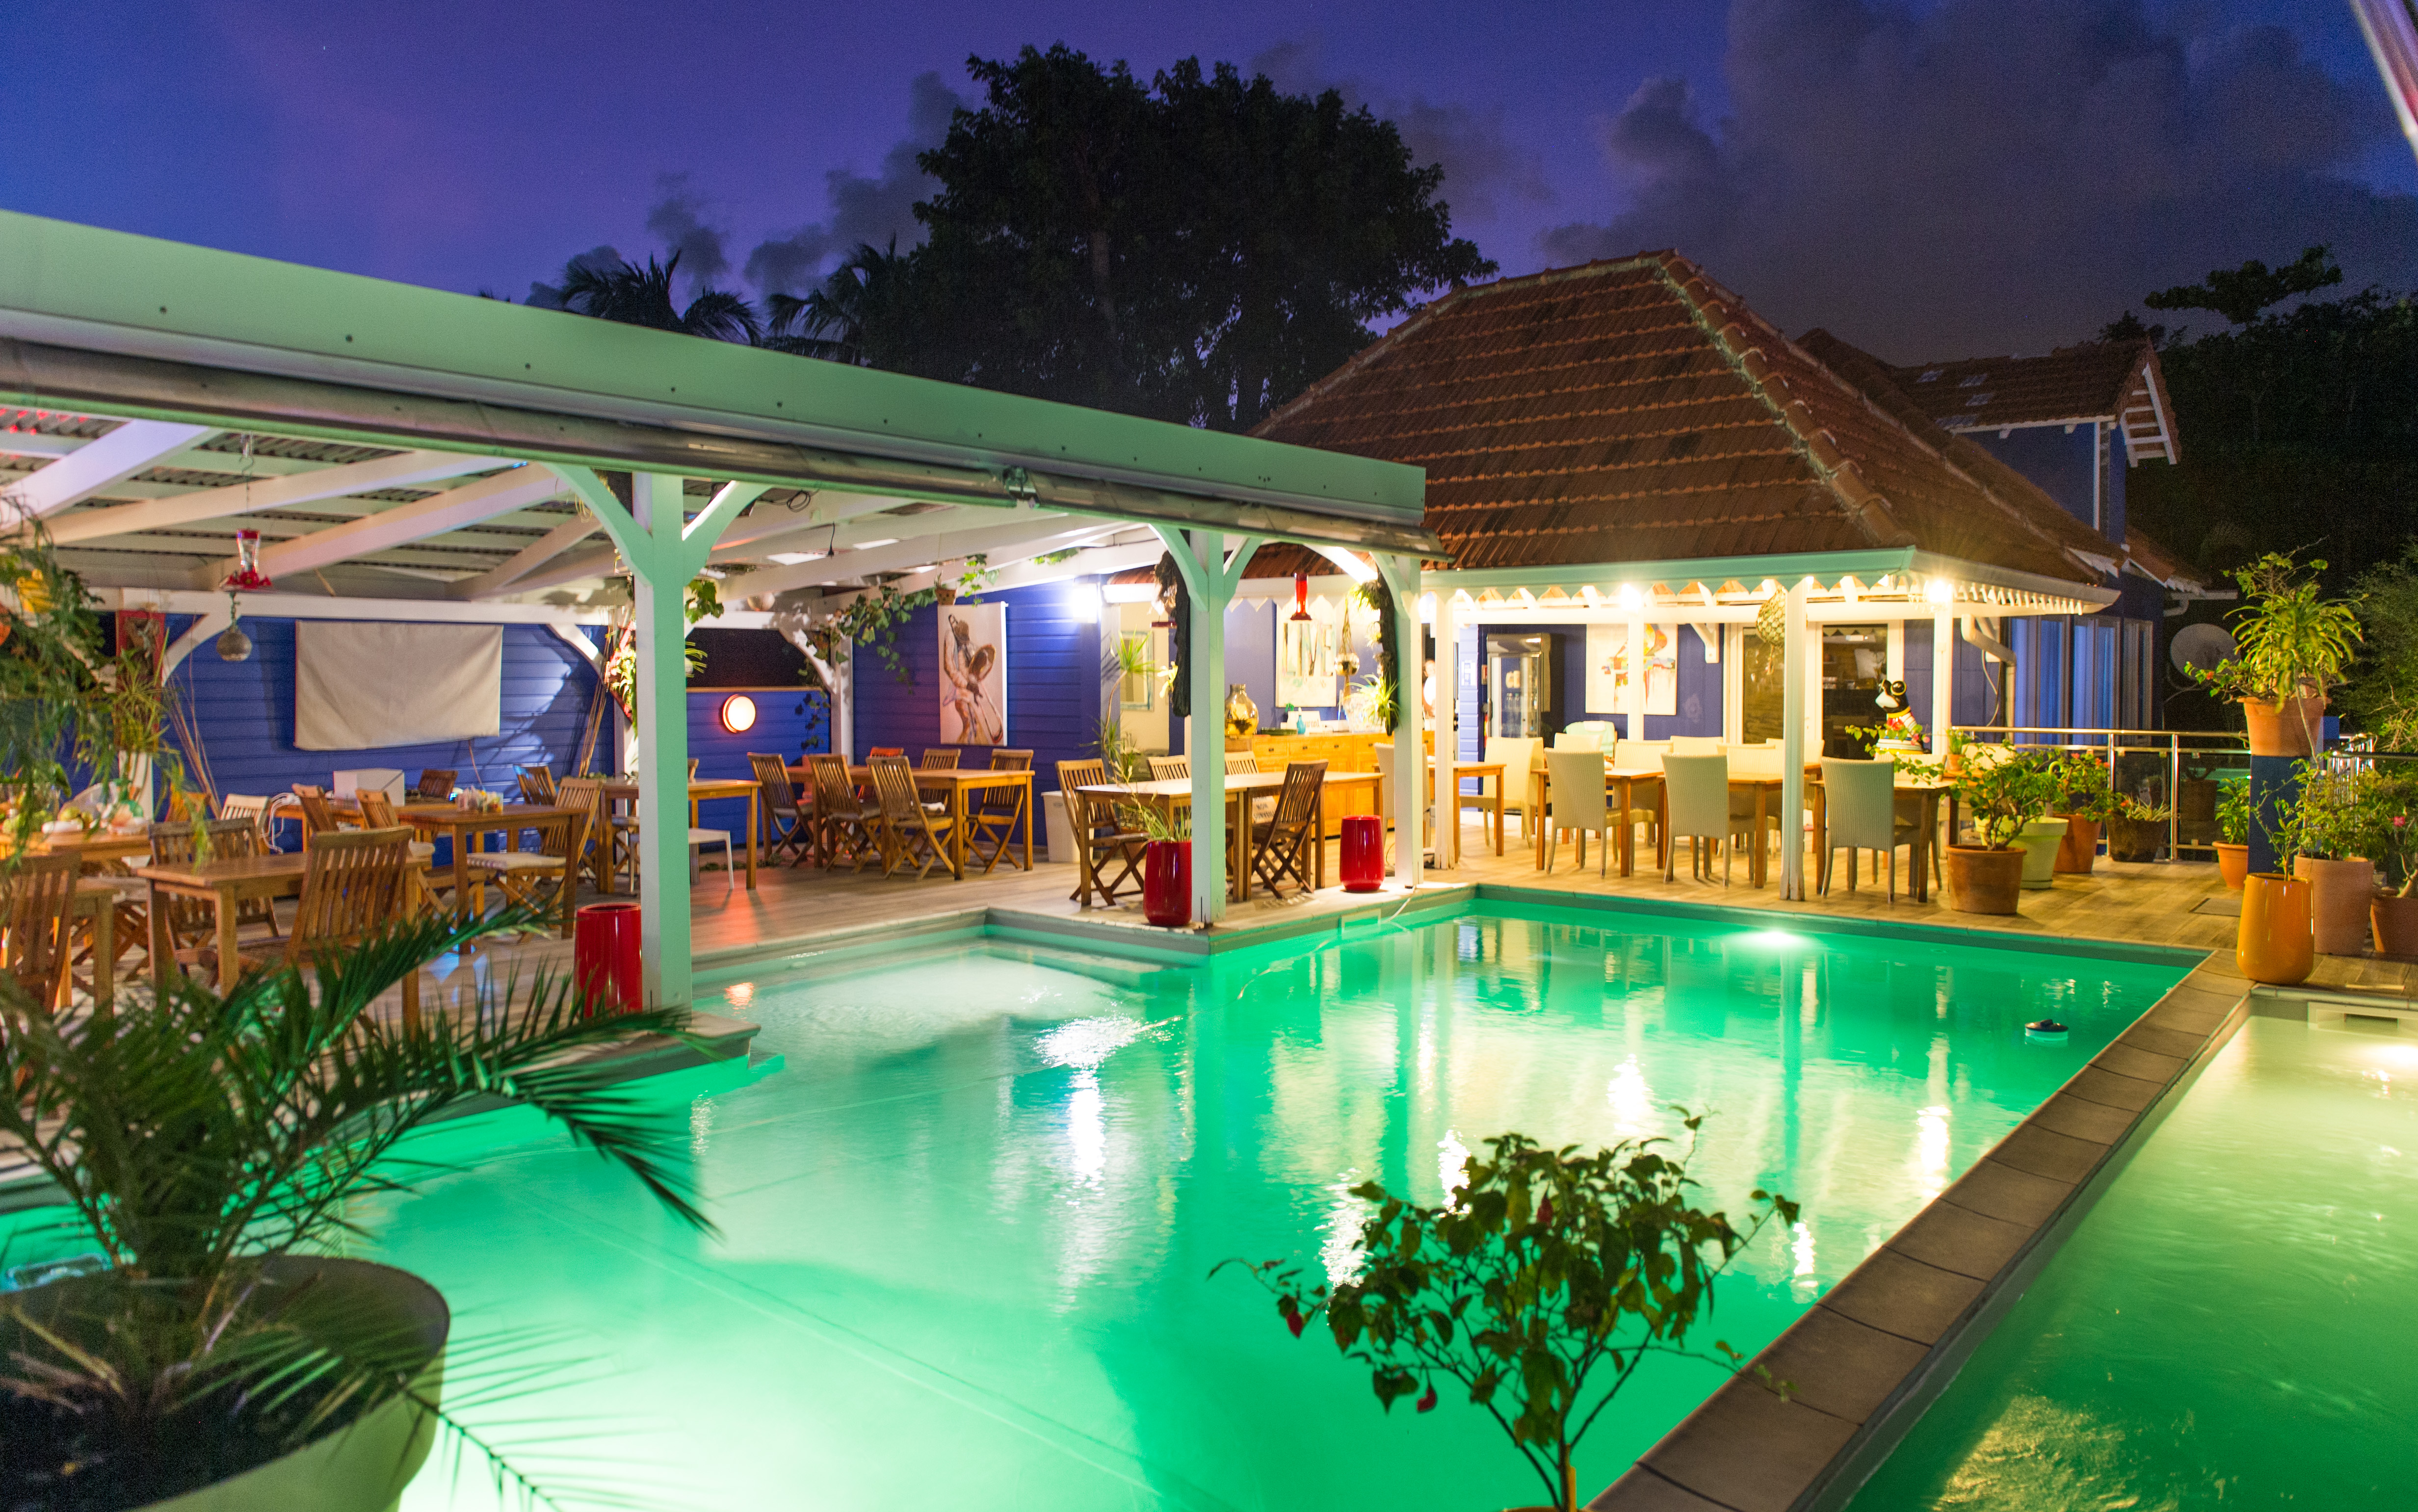 Restaurant piscine nuit103_9161